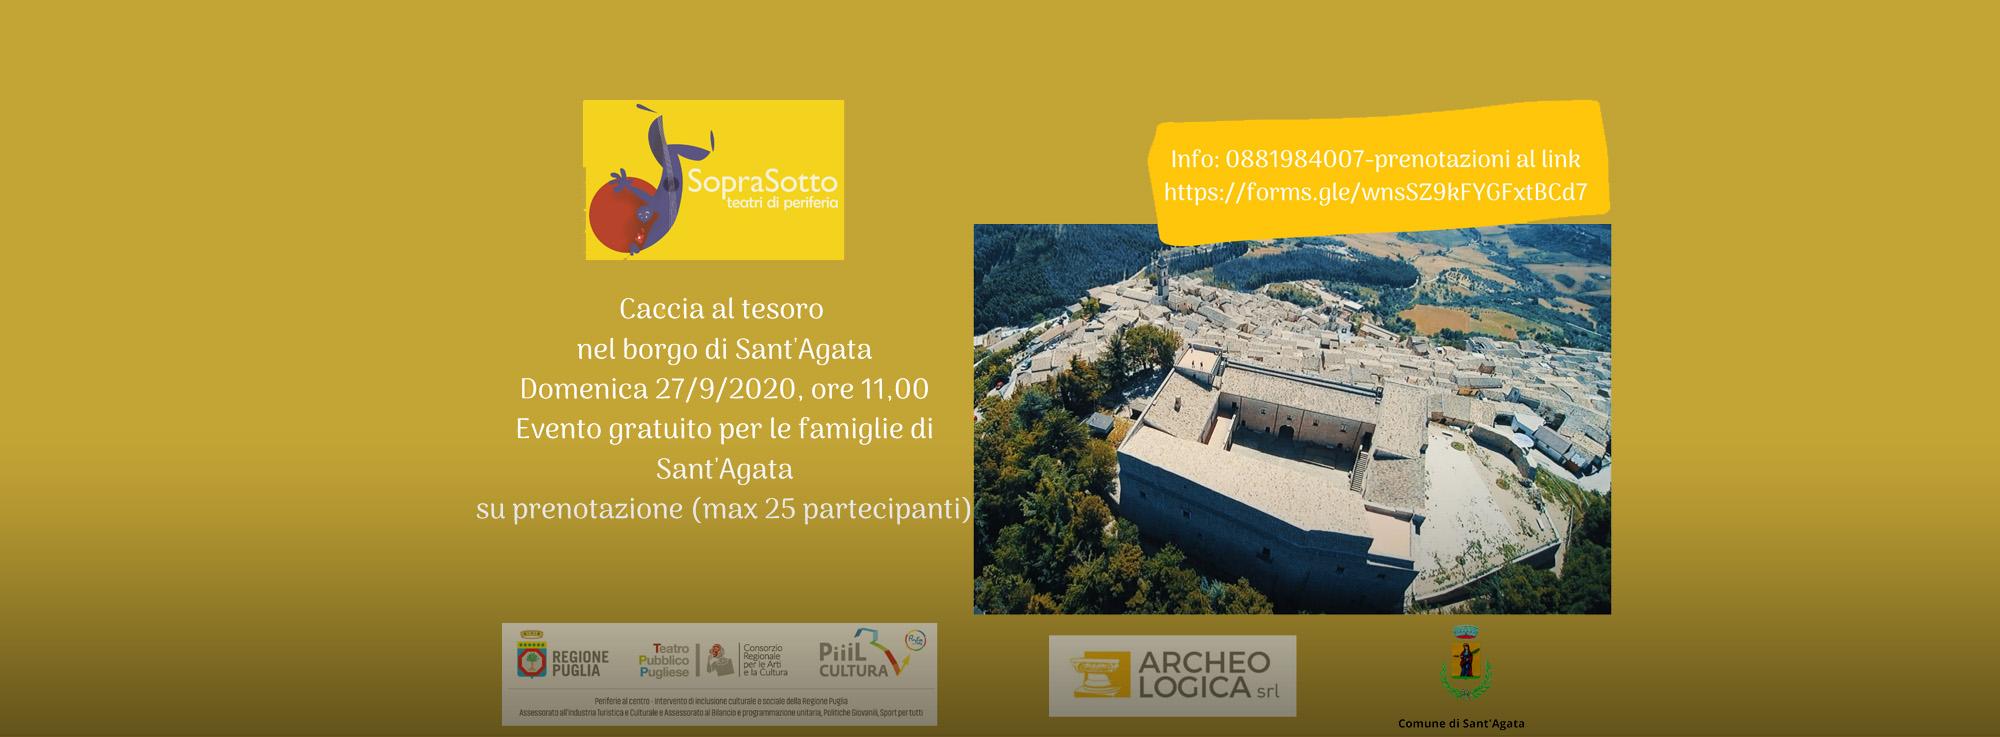 Sant'Agata in Puglia: Caccia al Tesoro per Sant'Agata in Puglia